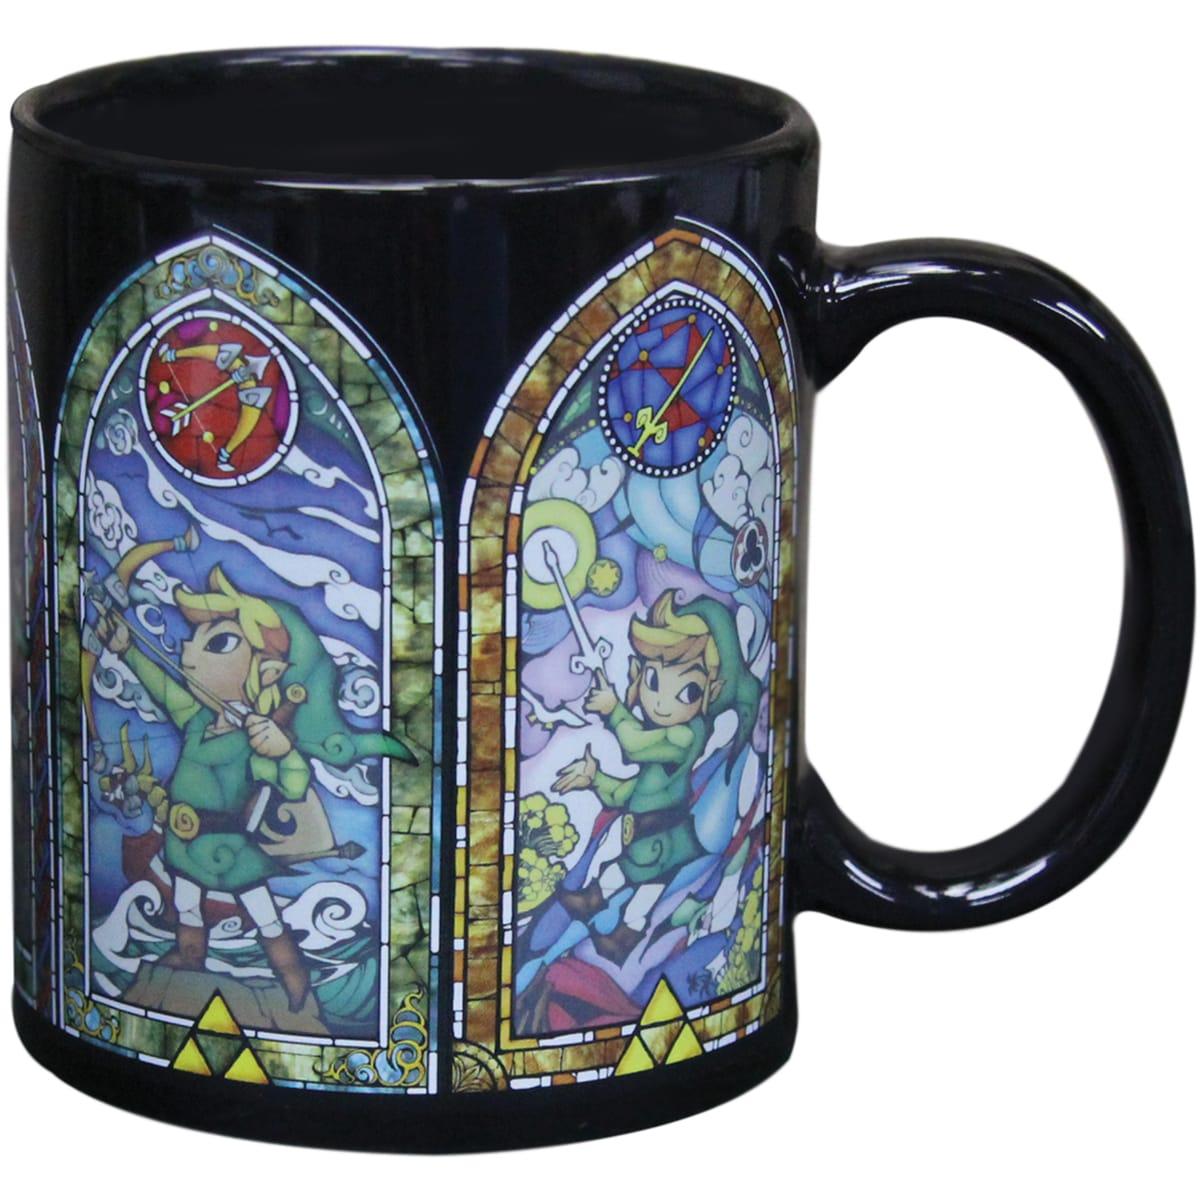 Sélection de mugs en promotion (Différentes franchises) - Ex : Mug thermo-réactif Zelda